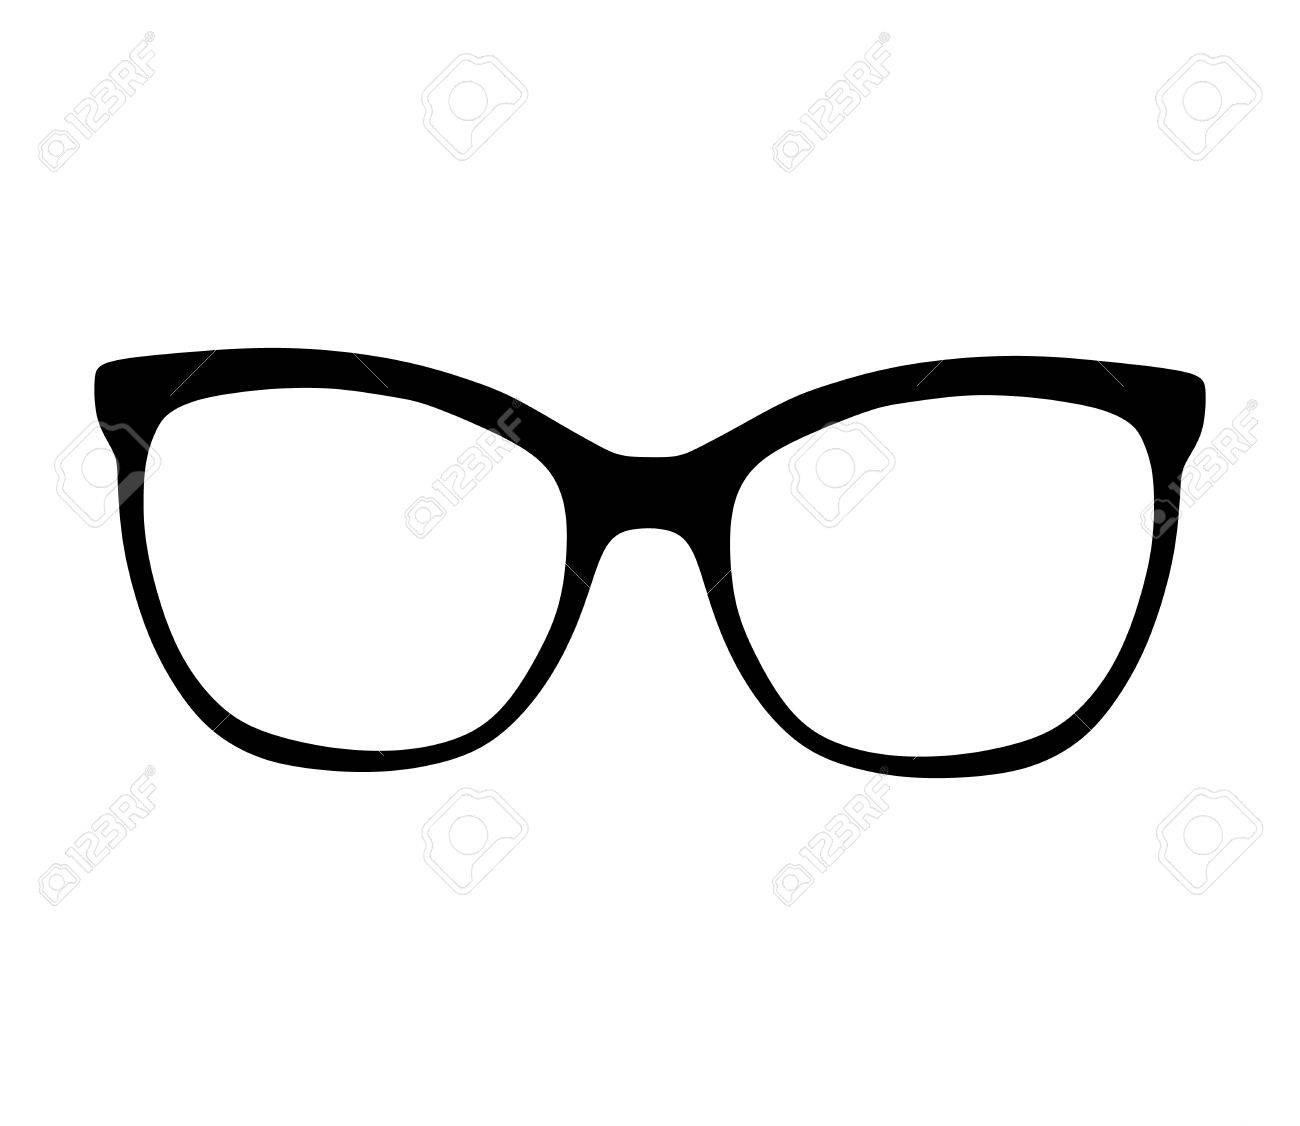 メガネはベクトル白い背景のシルエット イラストですサングラス眼鏡